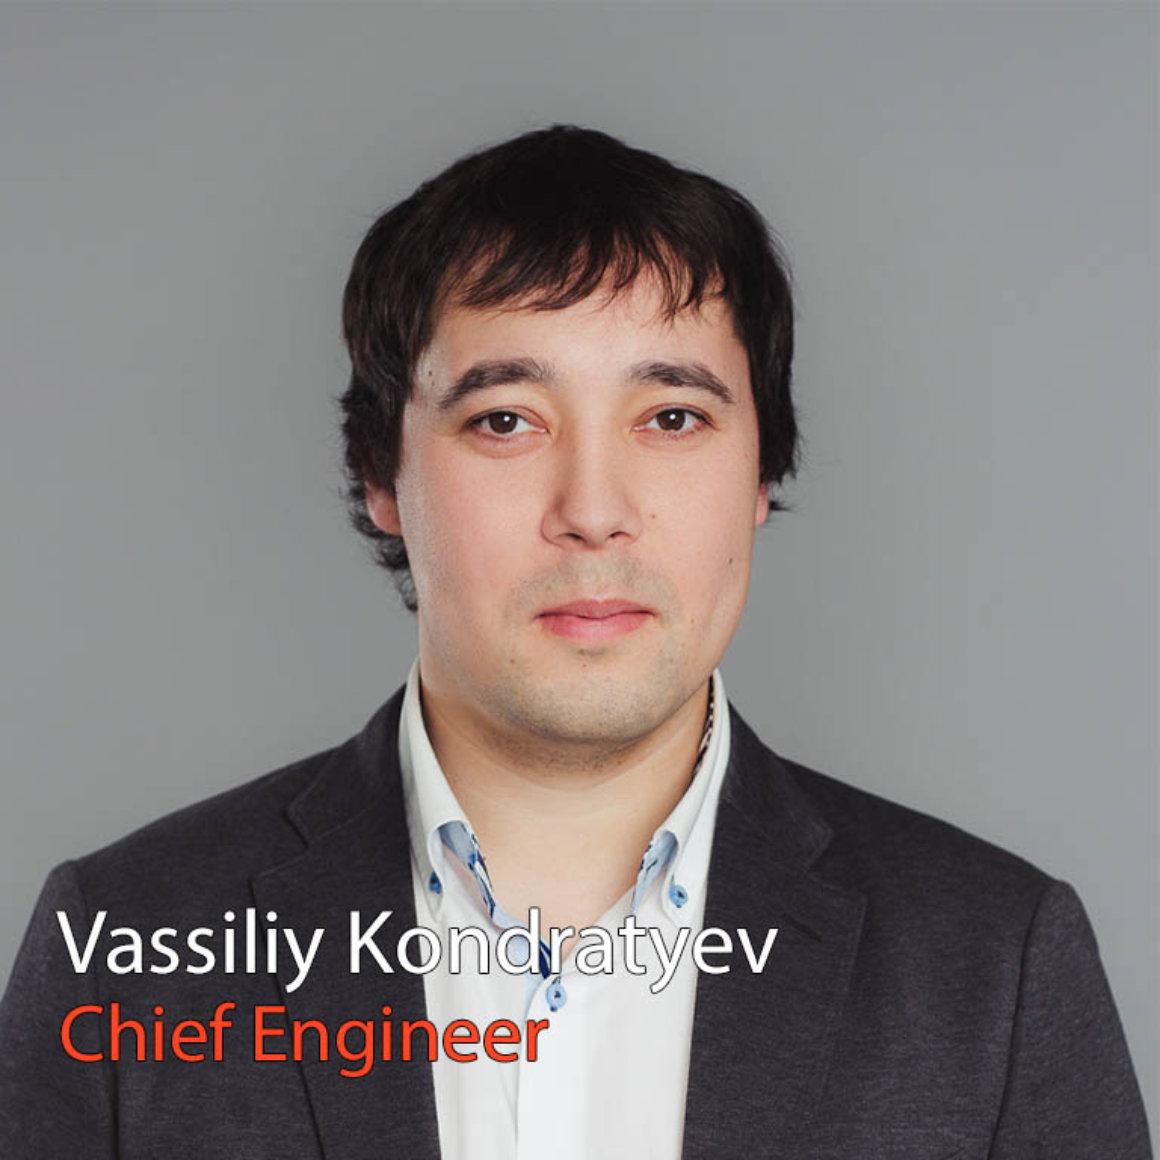 Vassiliy sw